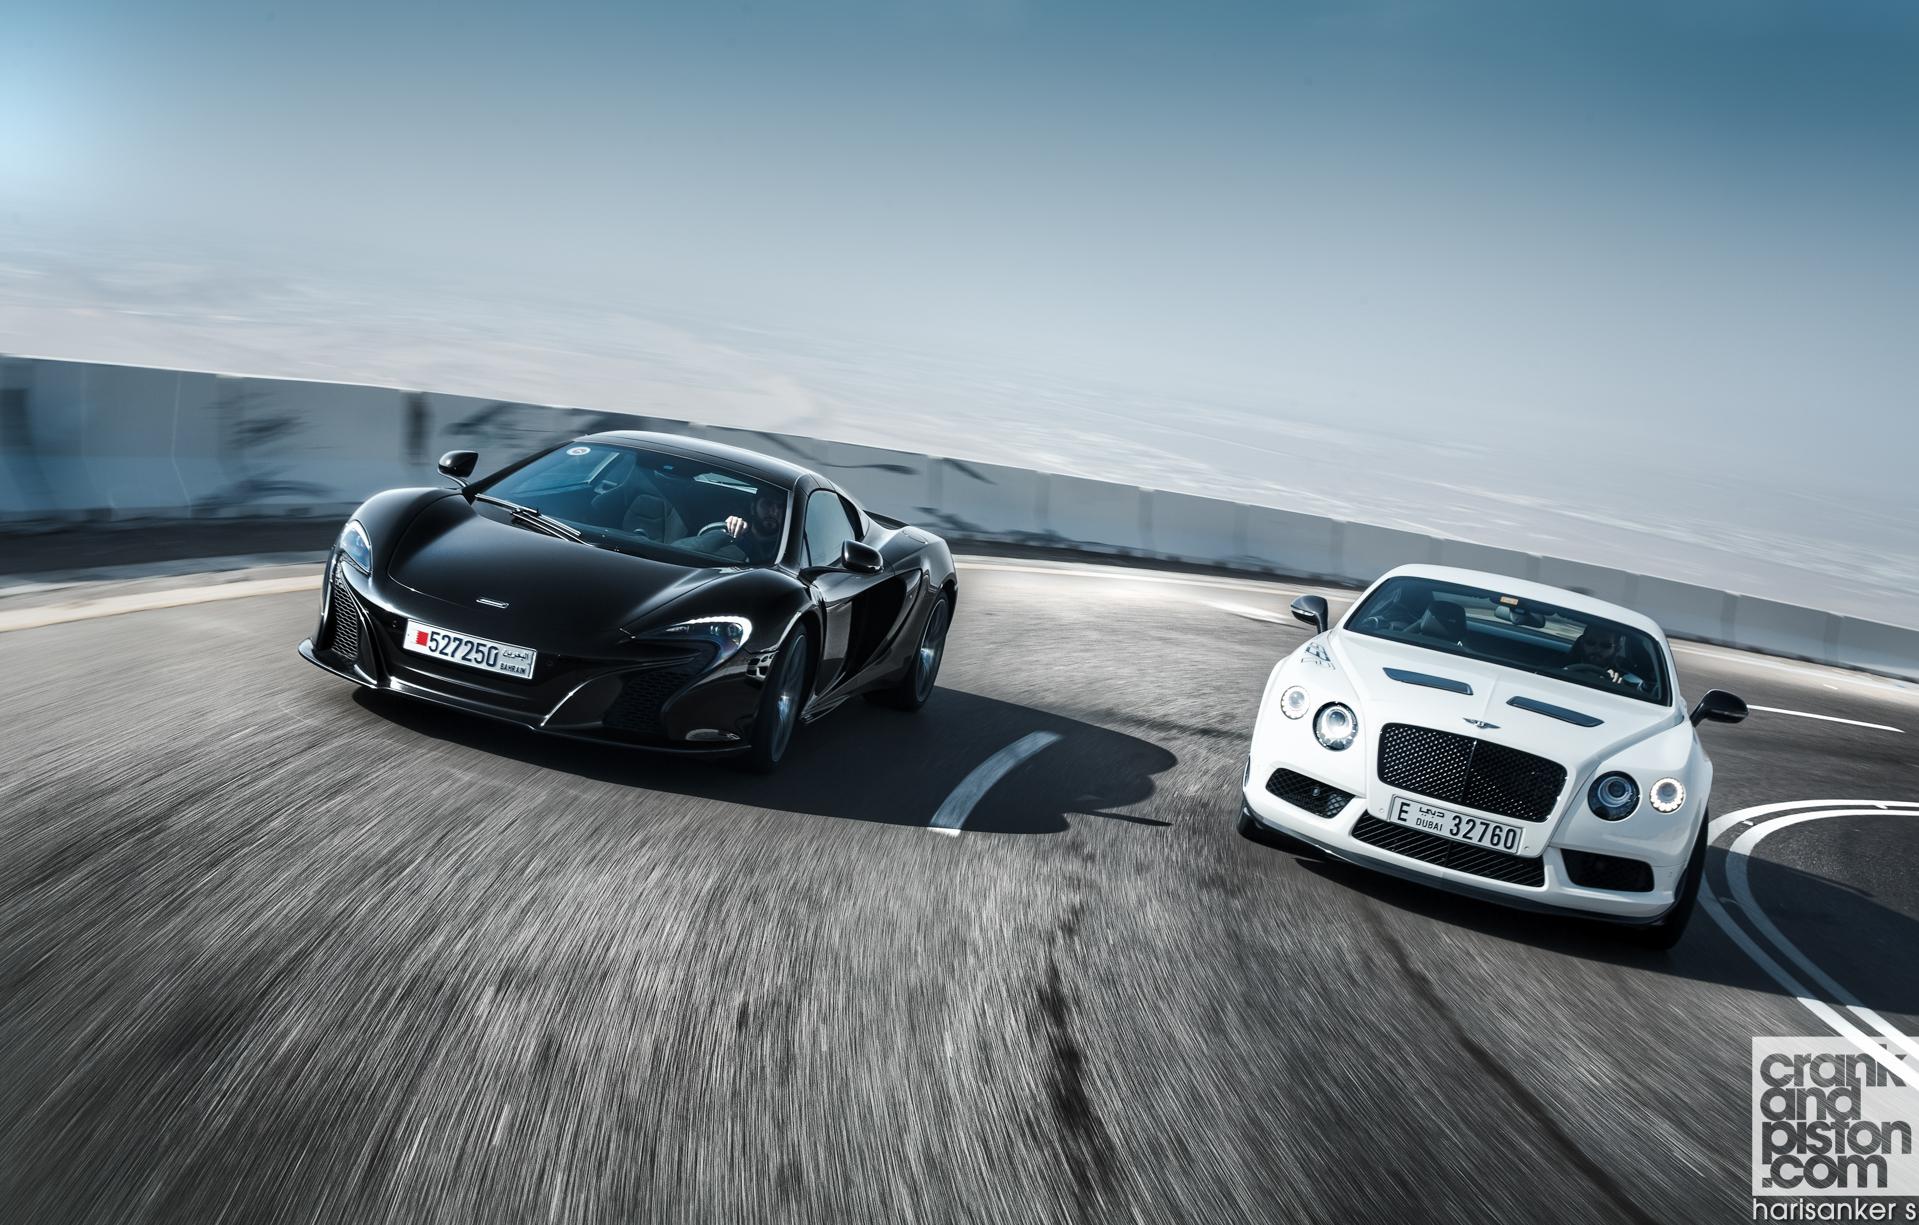 Bentley-Continental-GT3-R-vs-McLaren-650S-Spider-Wallpapers-5